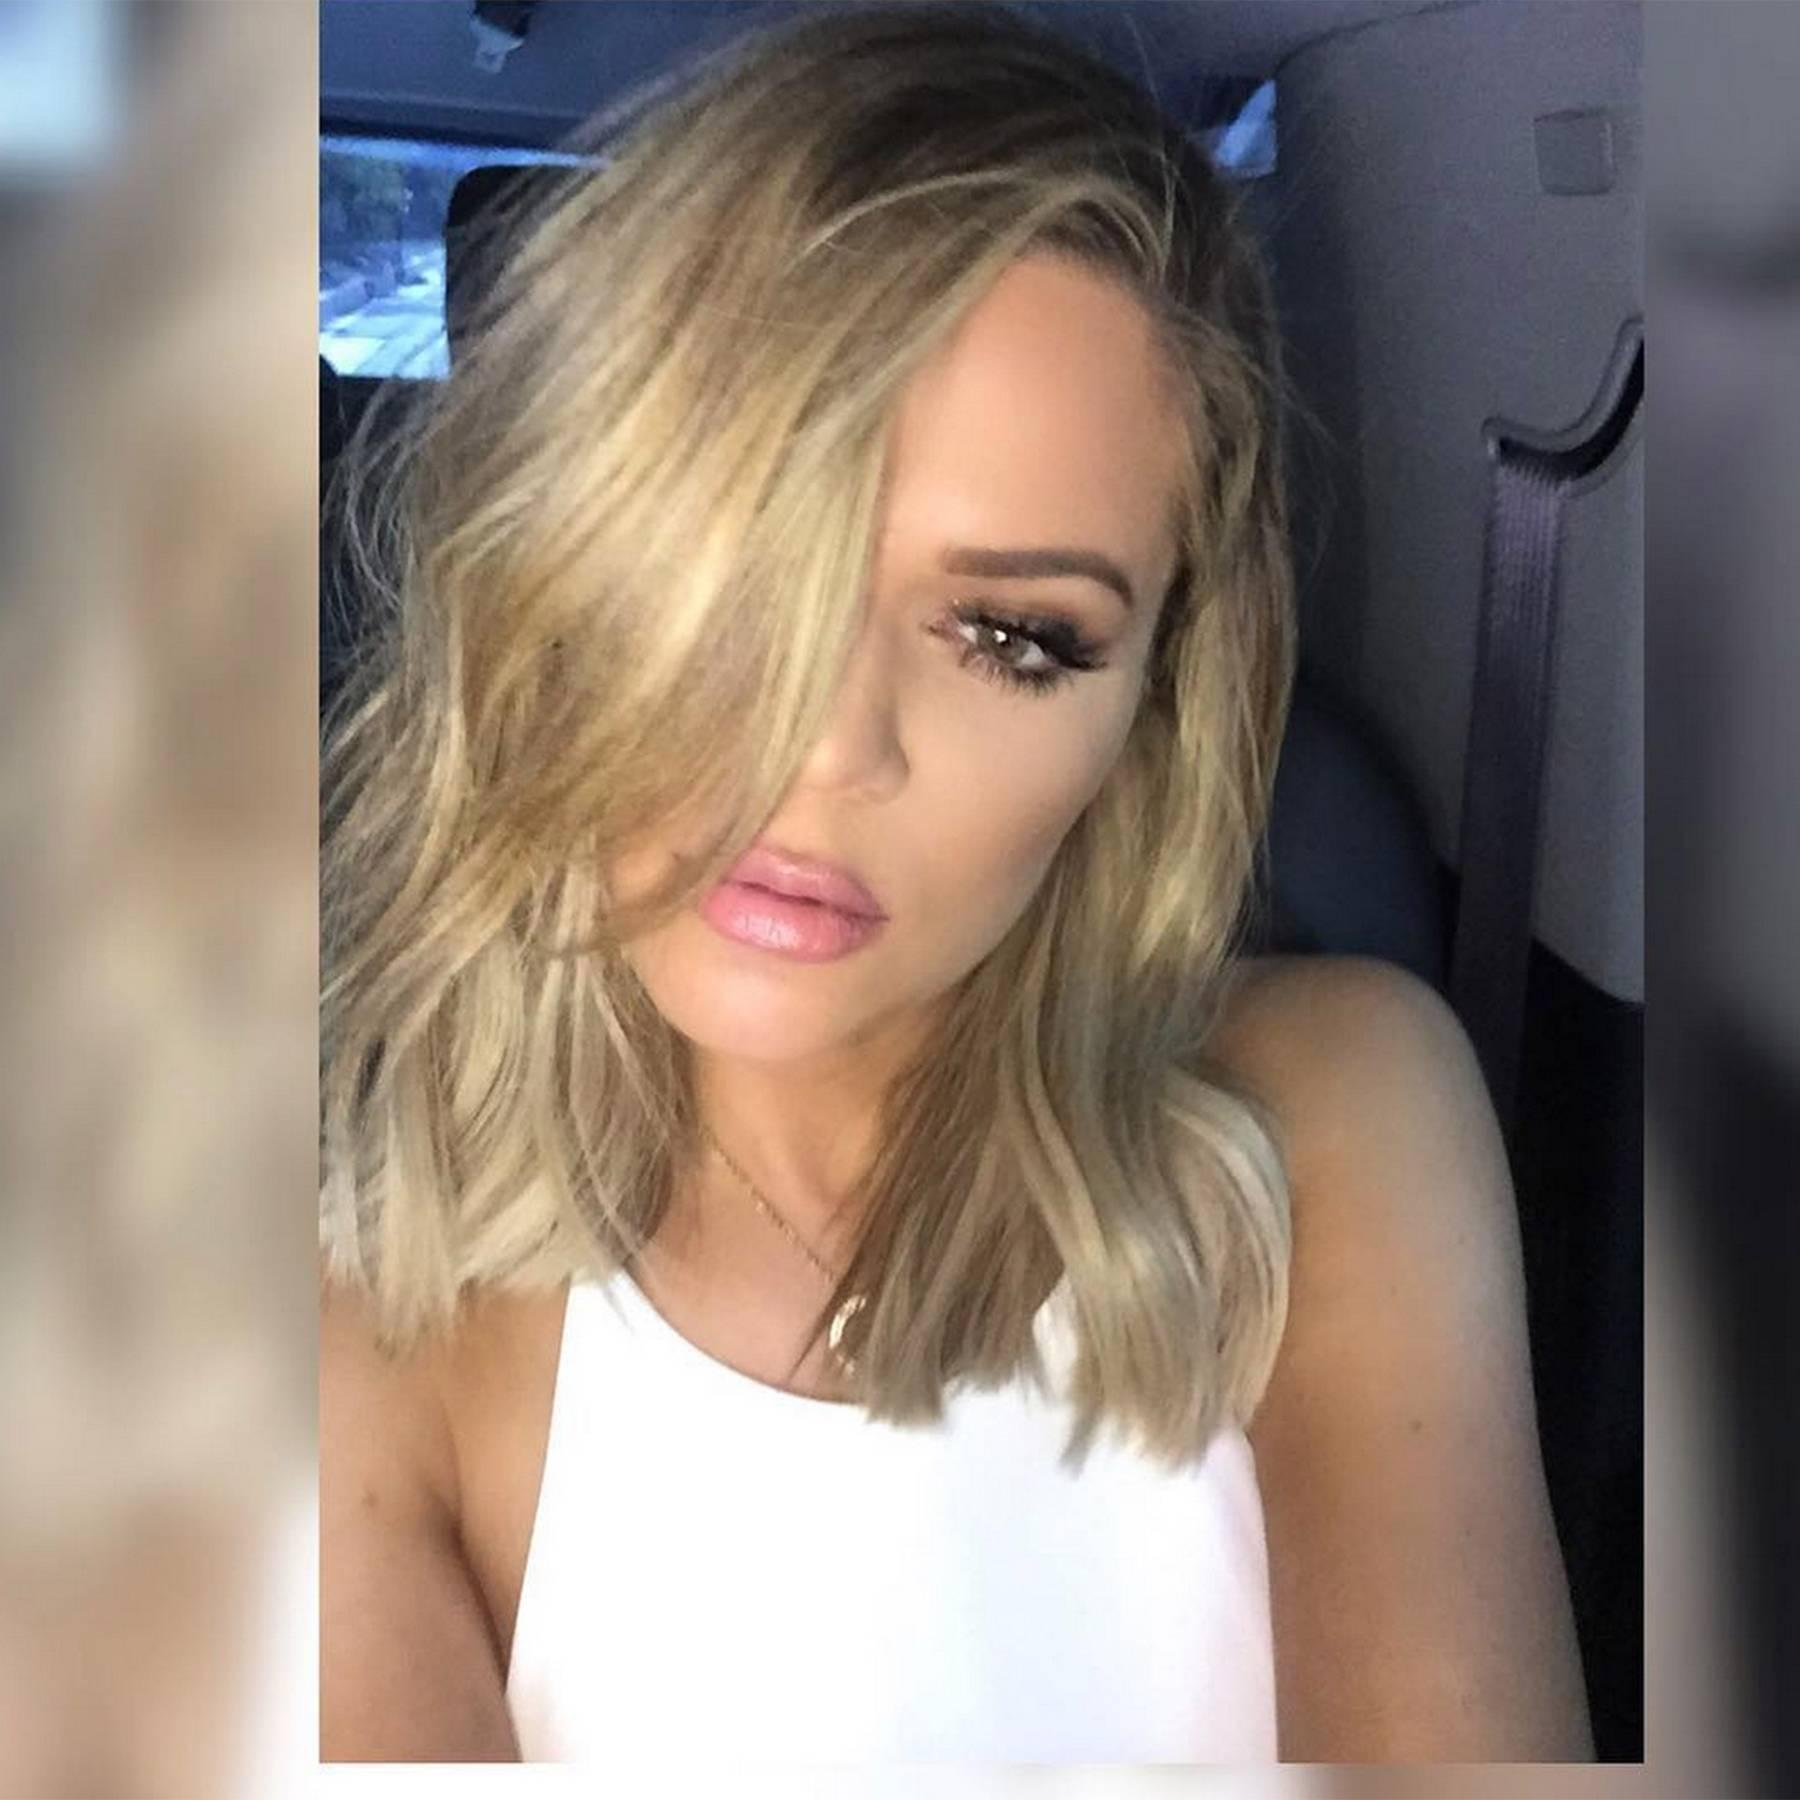 Khloe Kardashian Bob Hairstyle Pictures 2017 Glamour Uk